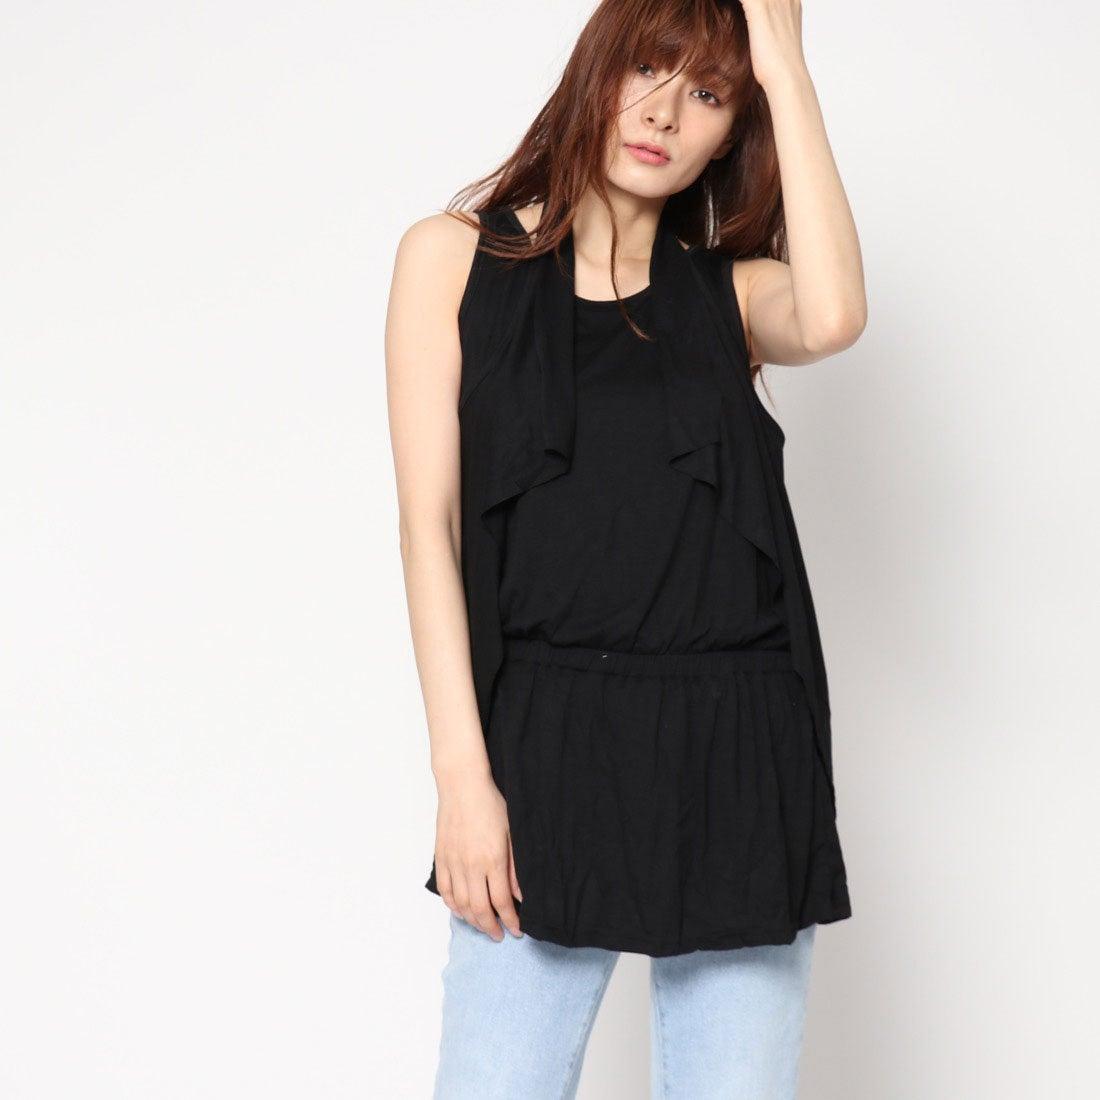 ロコンド 靴とファッションの通販サイトスタイルブロック STYLEBLOCK ドレープミニワンピース (ブラック)